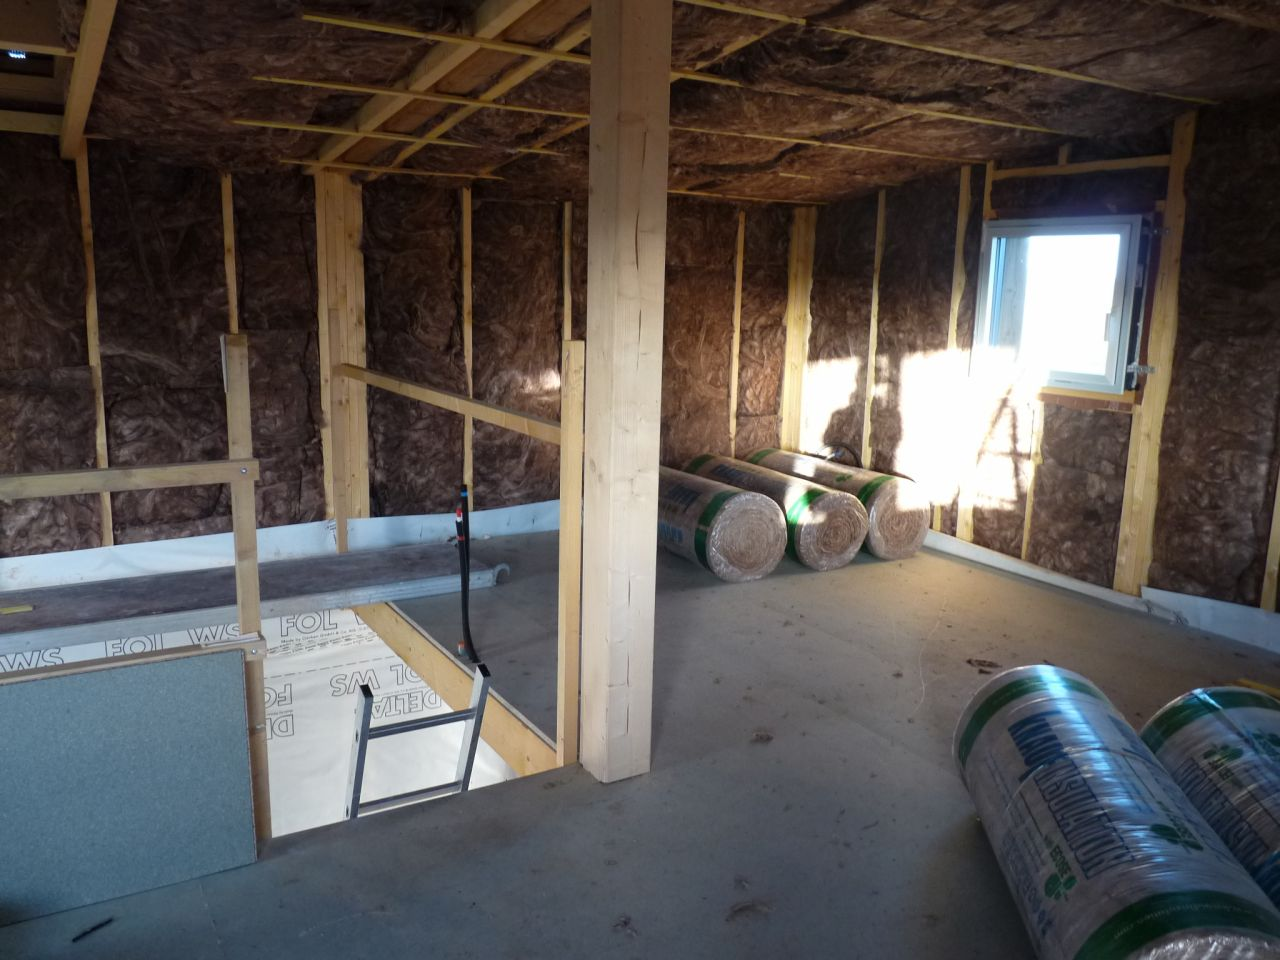 Isolant knauf 150mm 60mm dans les murs et 240mm 80mm au plafond